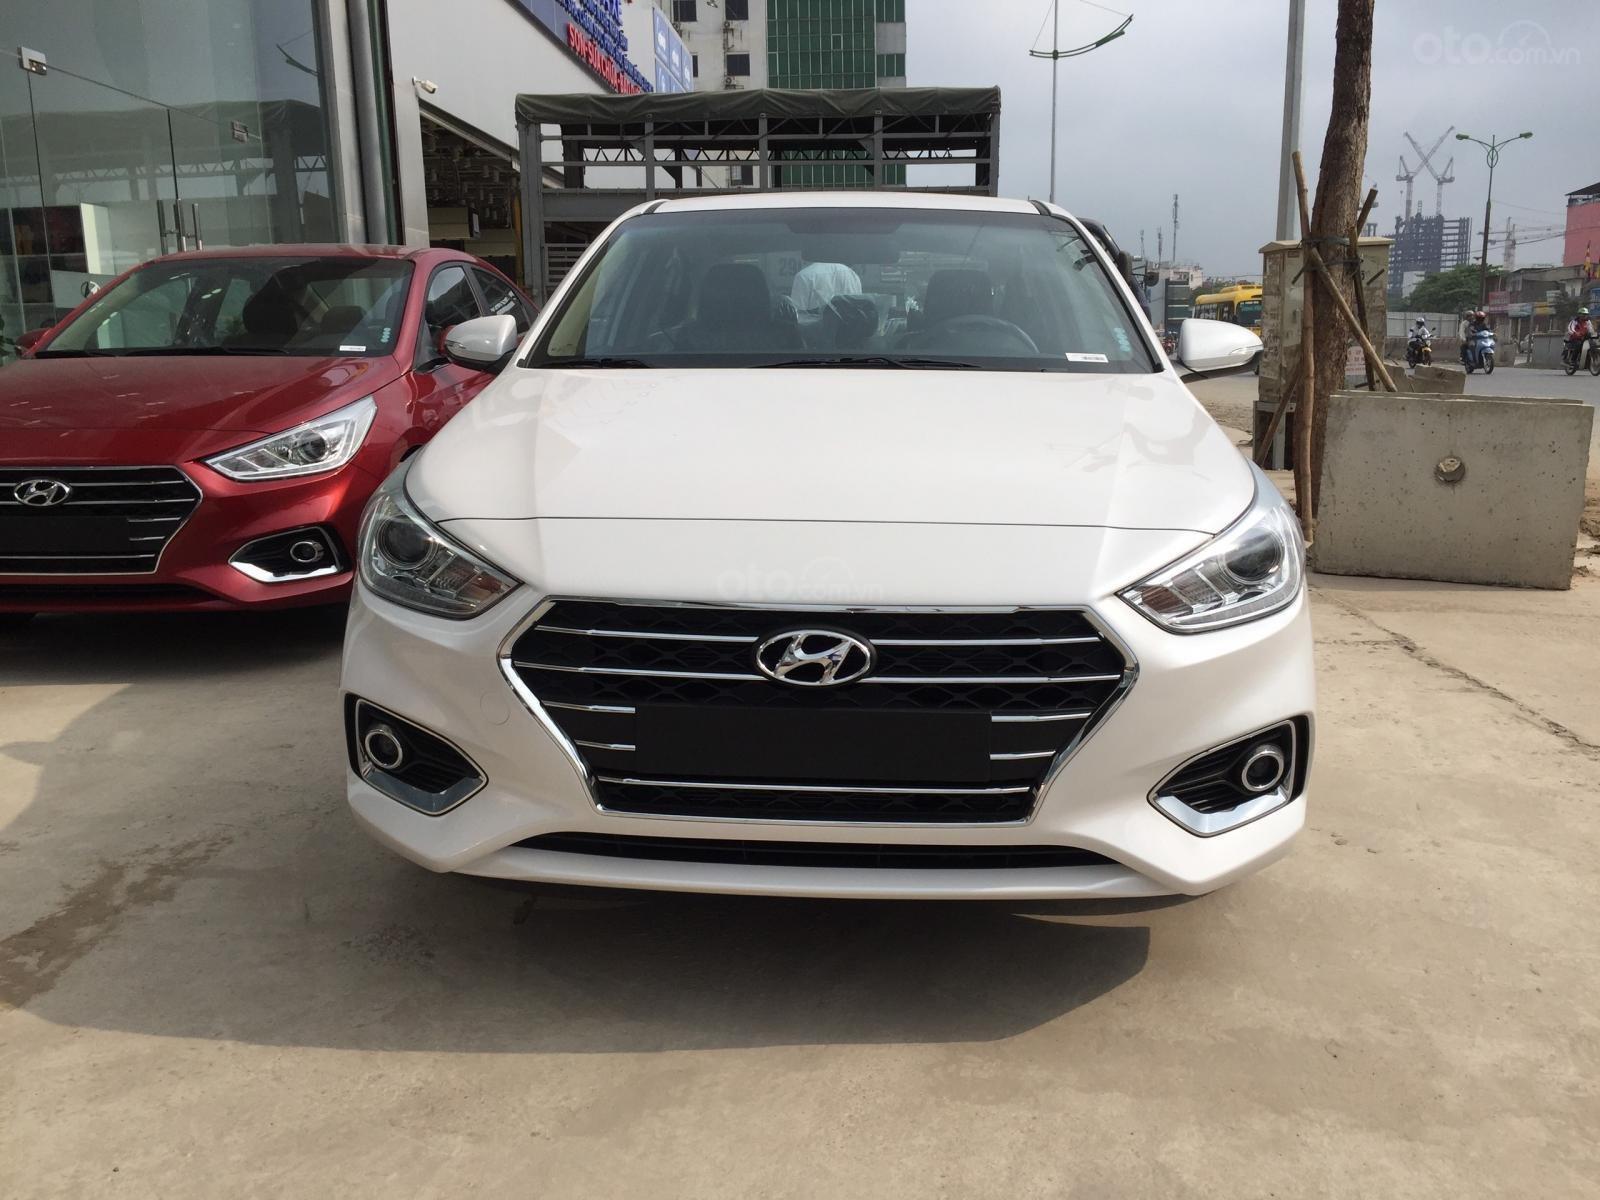 Hyundai Accent 2020 bản đặc biệt - giá tốt tháng 8 (ngâu), trả góp lên đến 85%, chỉ cần trả trước 125 triệu lấy xe ngay (7)